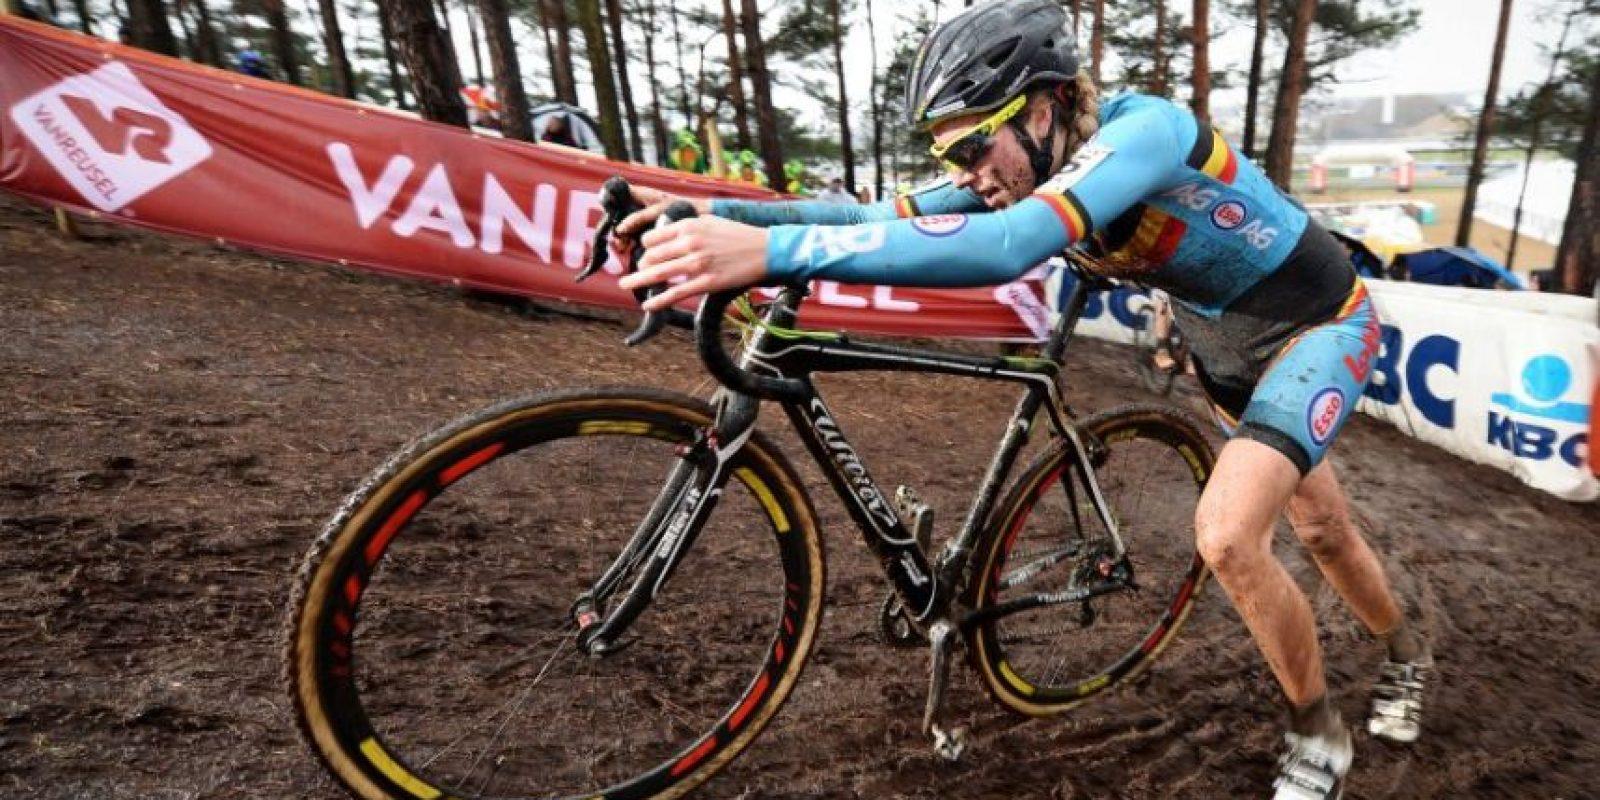 Femke Van den Driessche fue suspendida por dopaje tecnológico en el último Mundial de ciclocross disputado en Bélgica. La UCI demostró que su bicicleta tenía un motor incorporado, descalificándola y terminando su carrera Foto:AFP